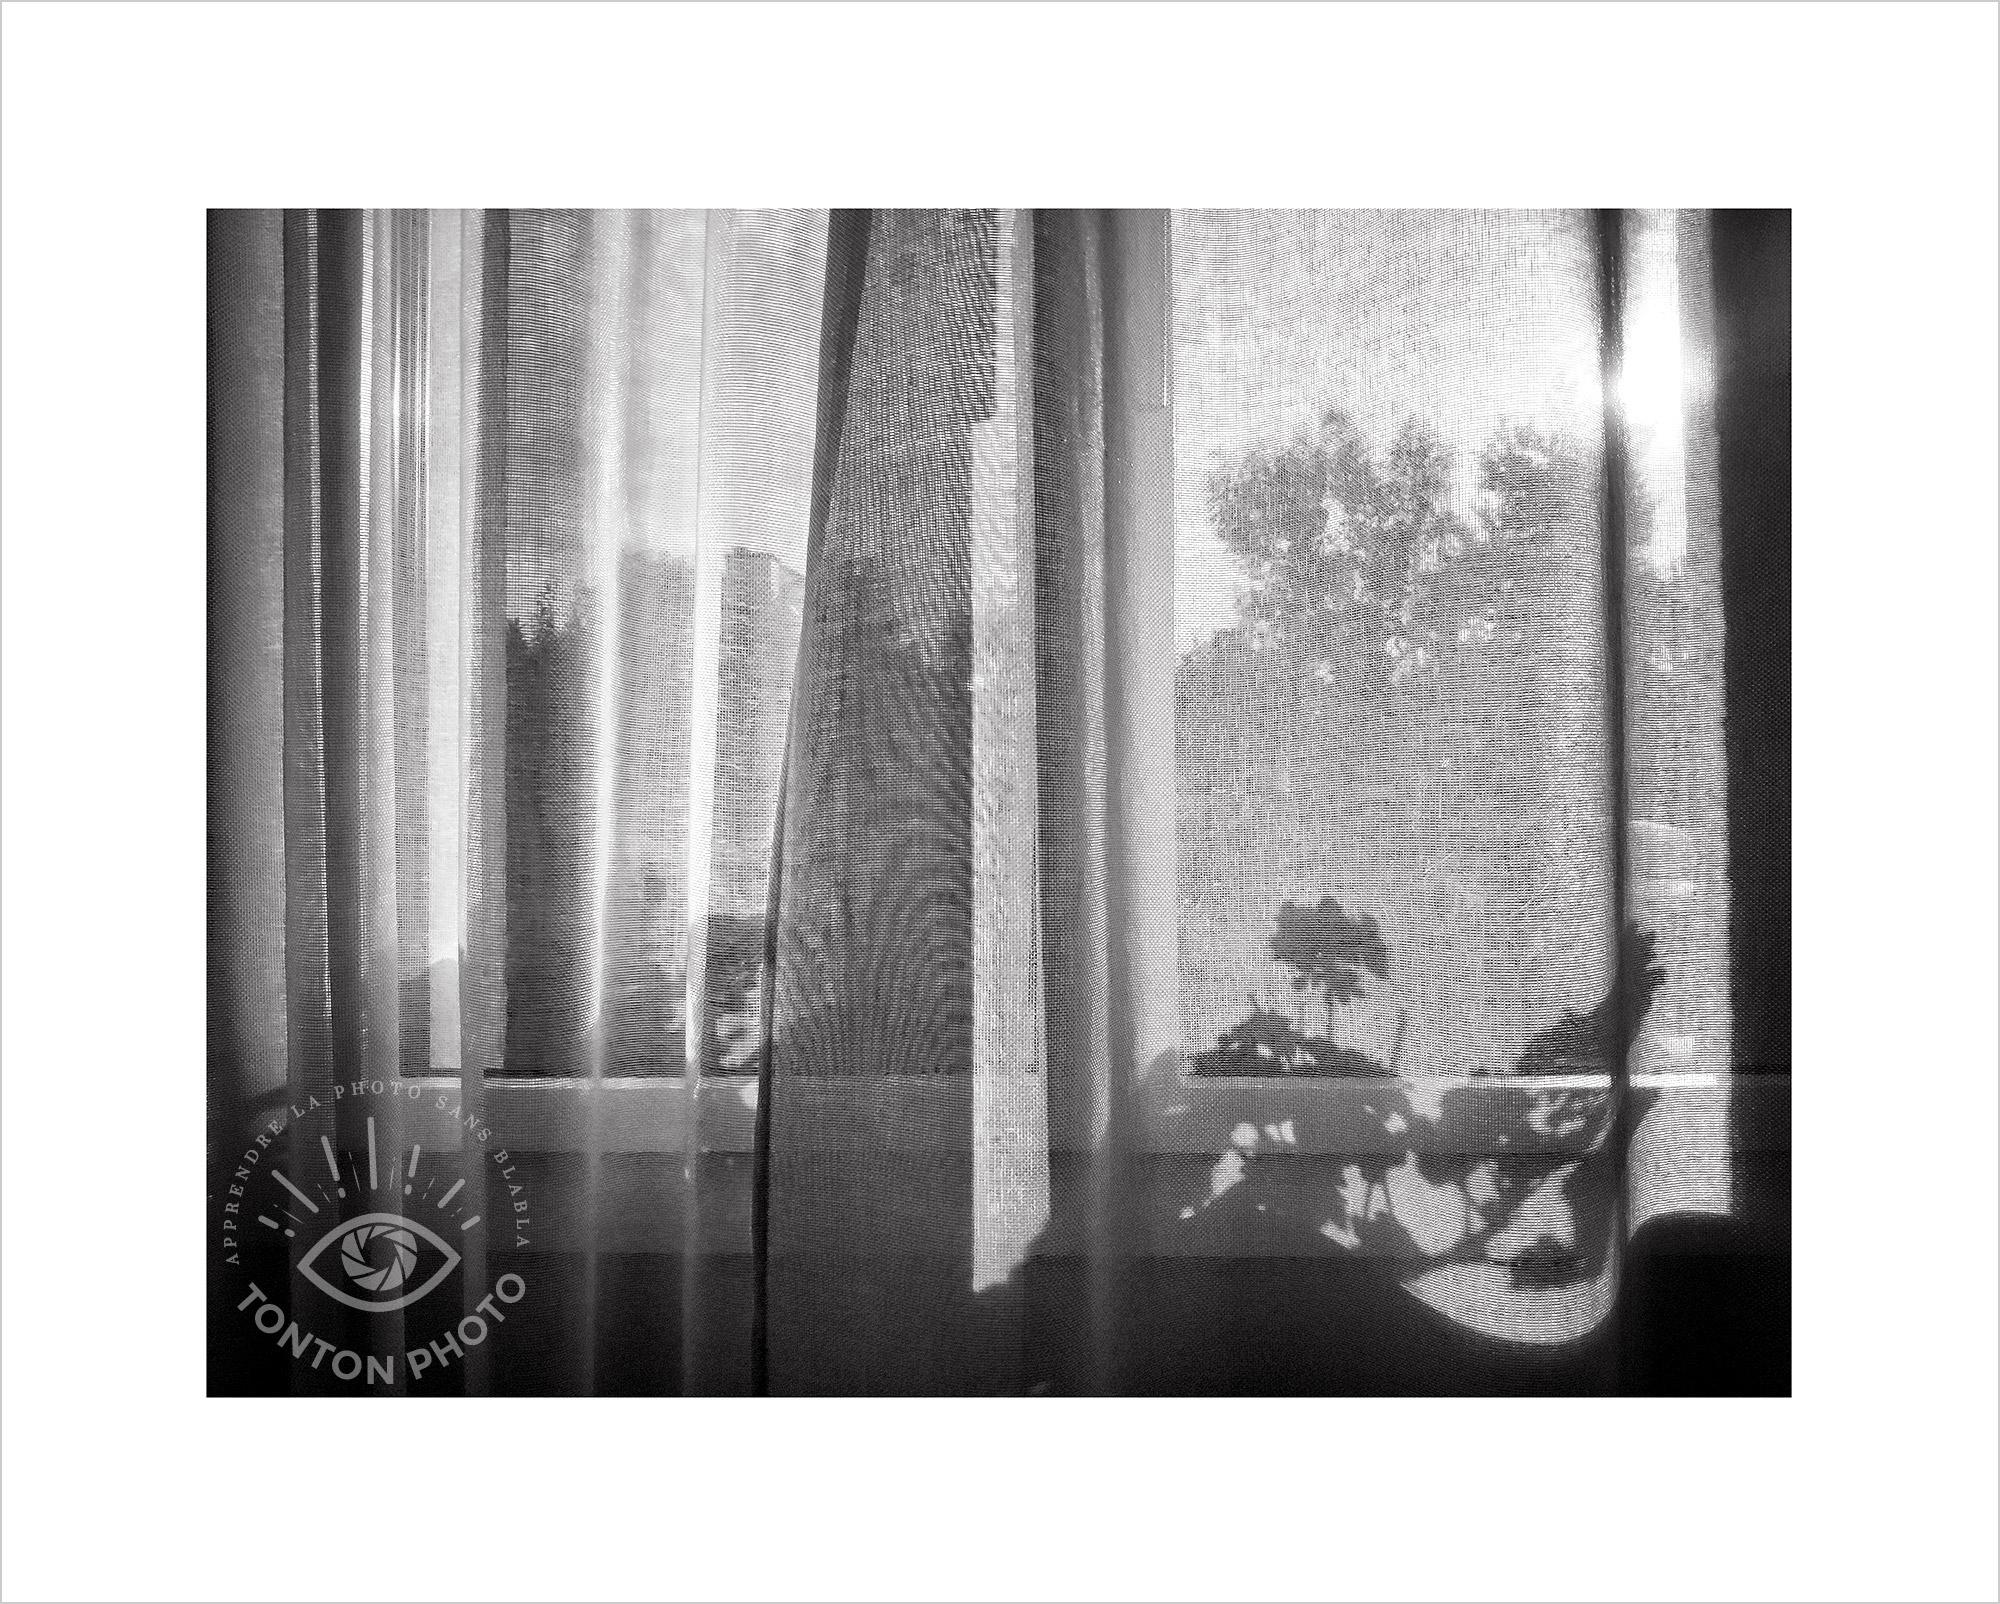 Ombres chinoises des plantes sur le rebord de la fenêtre projetées sur les rideaux. Photo prise au smartphone LG G4 © Tonton Photo